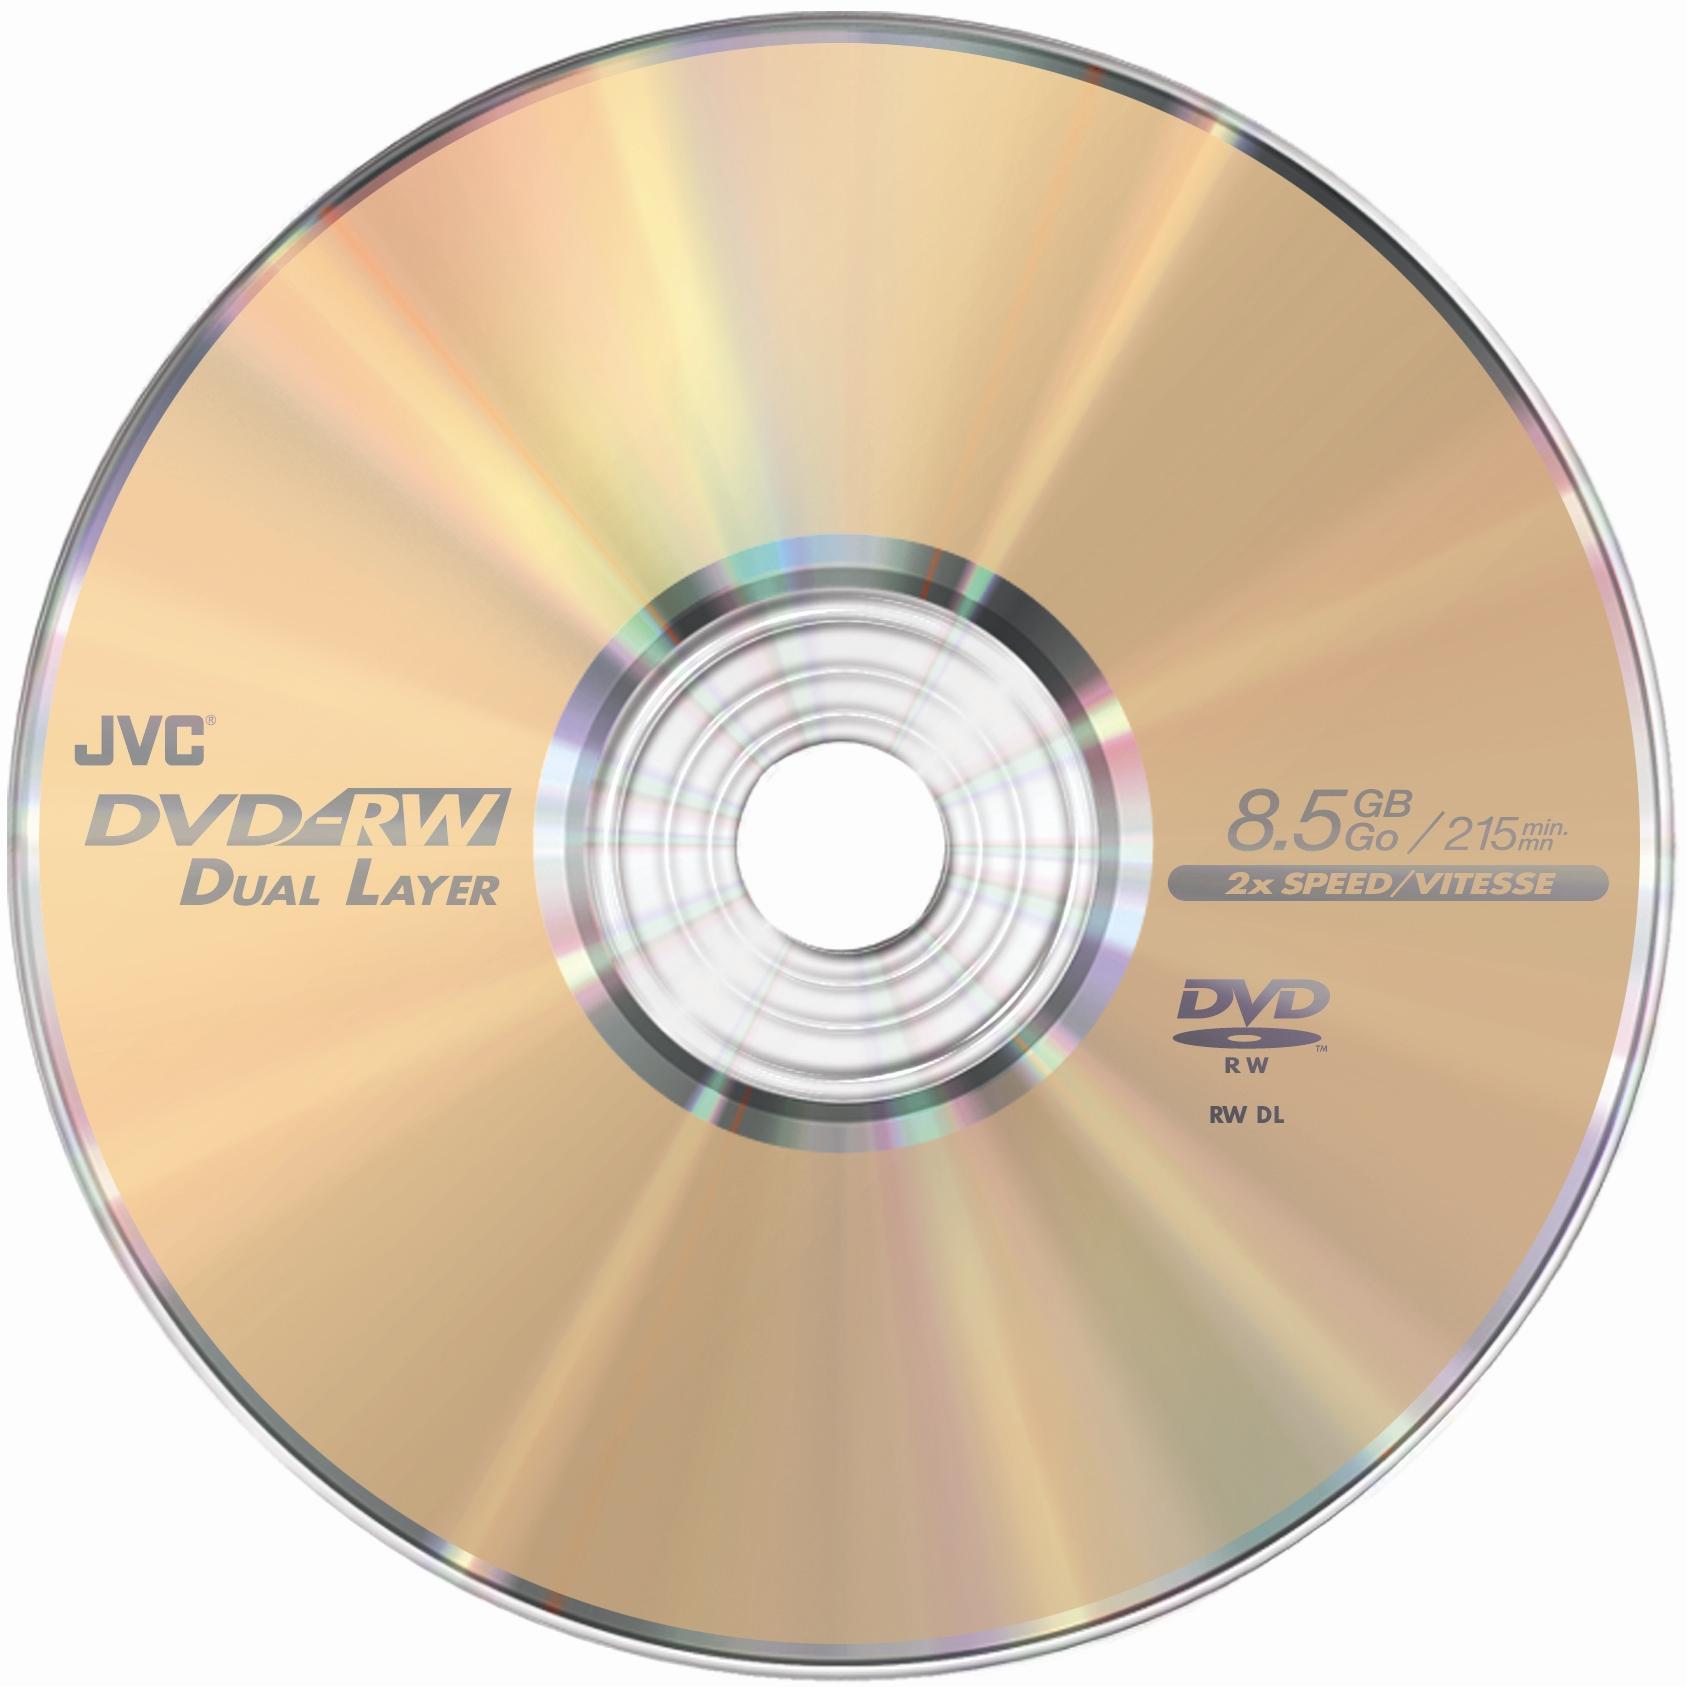 Как сделать cd-rw загрузочным